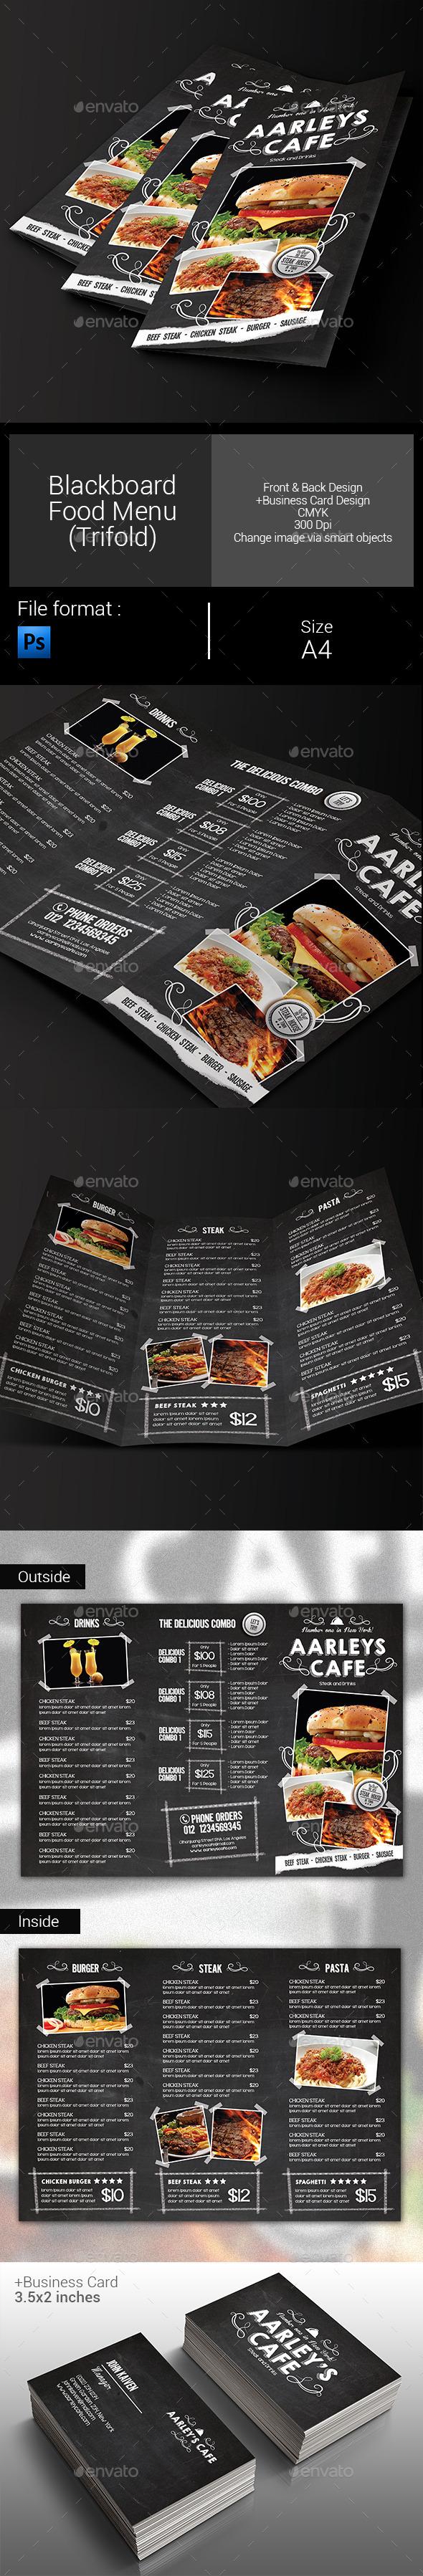 Blackboard Food Menu (Trifold) + Business Card - Food Menus Print Templates